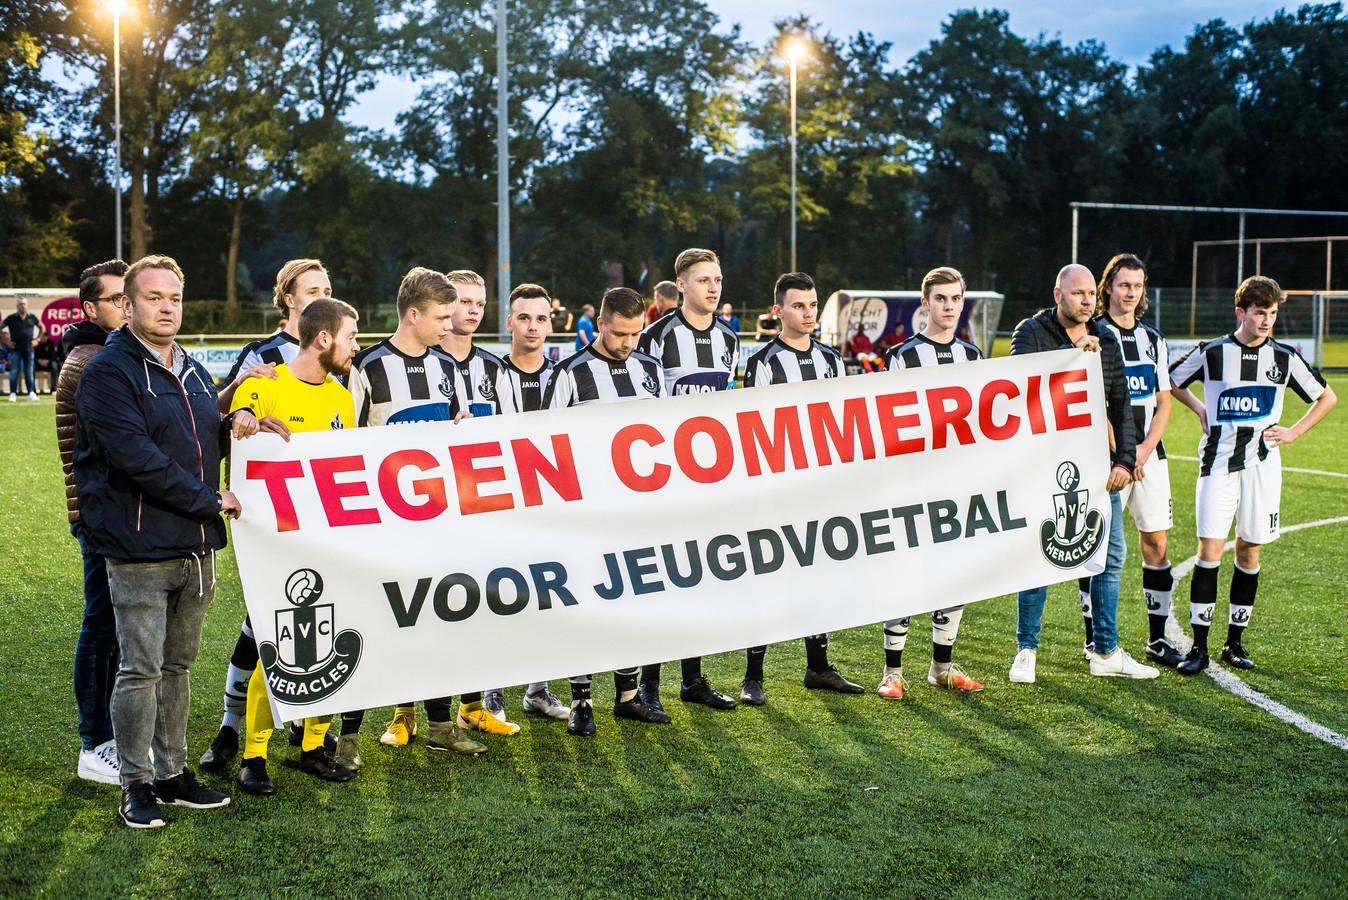 Het protest van AVC Heracles tegen de samenwerking van Achilles met de commerciële voetbalschool PFA.